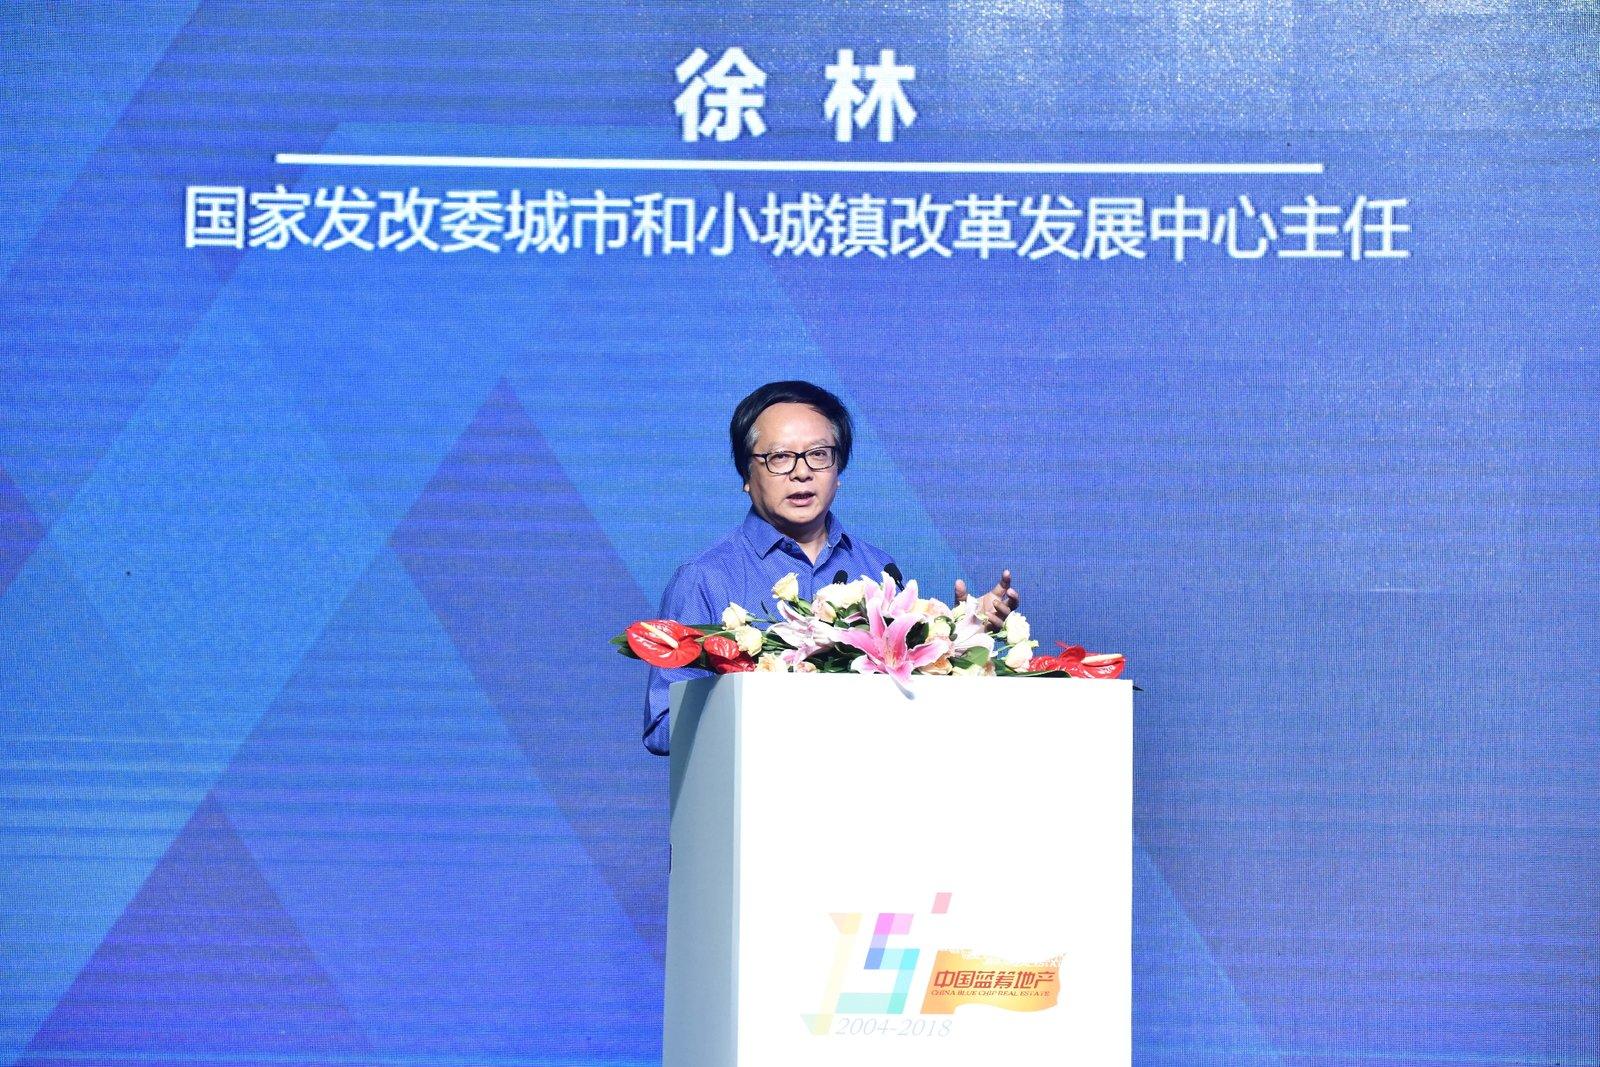 徐林:未来中国城市发展要侧重走可持续发展的道路-中国网地产